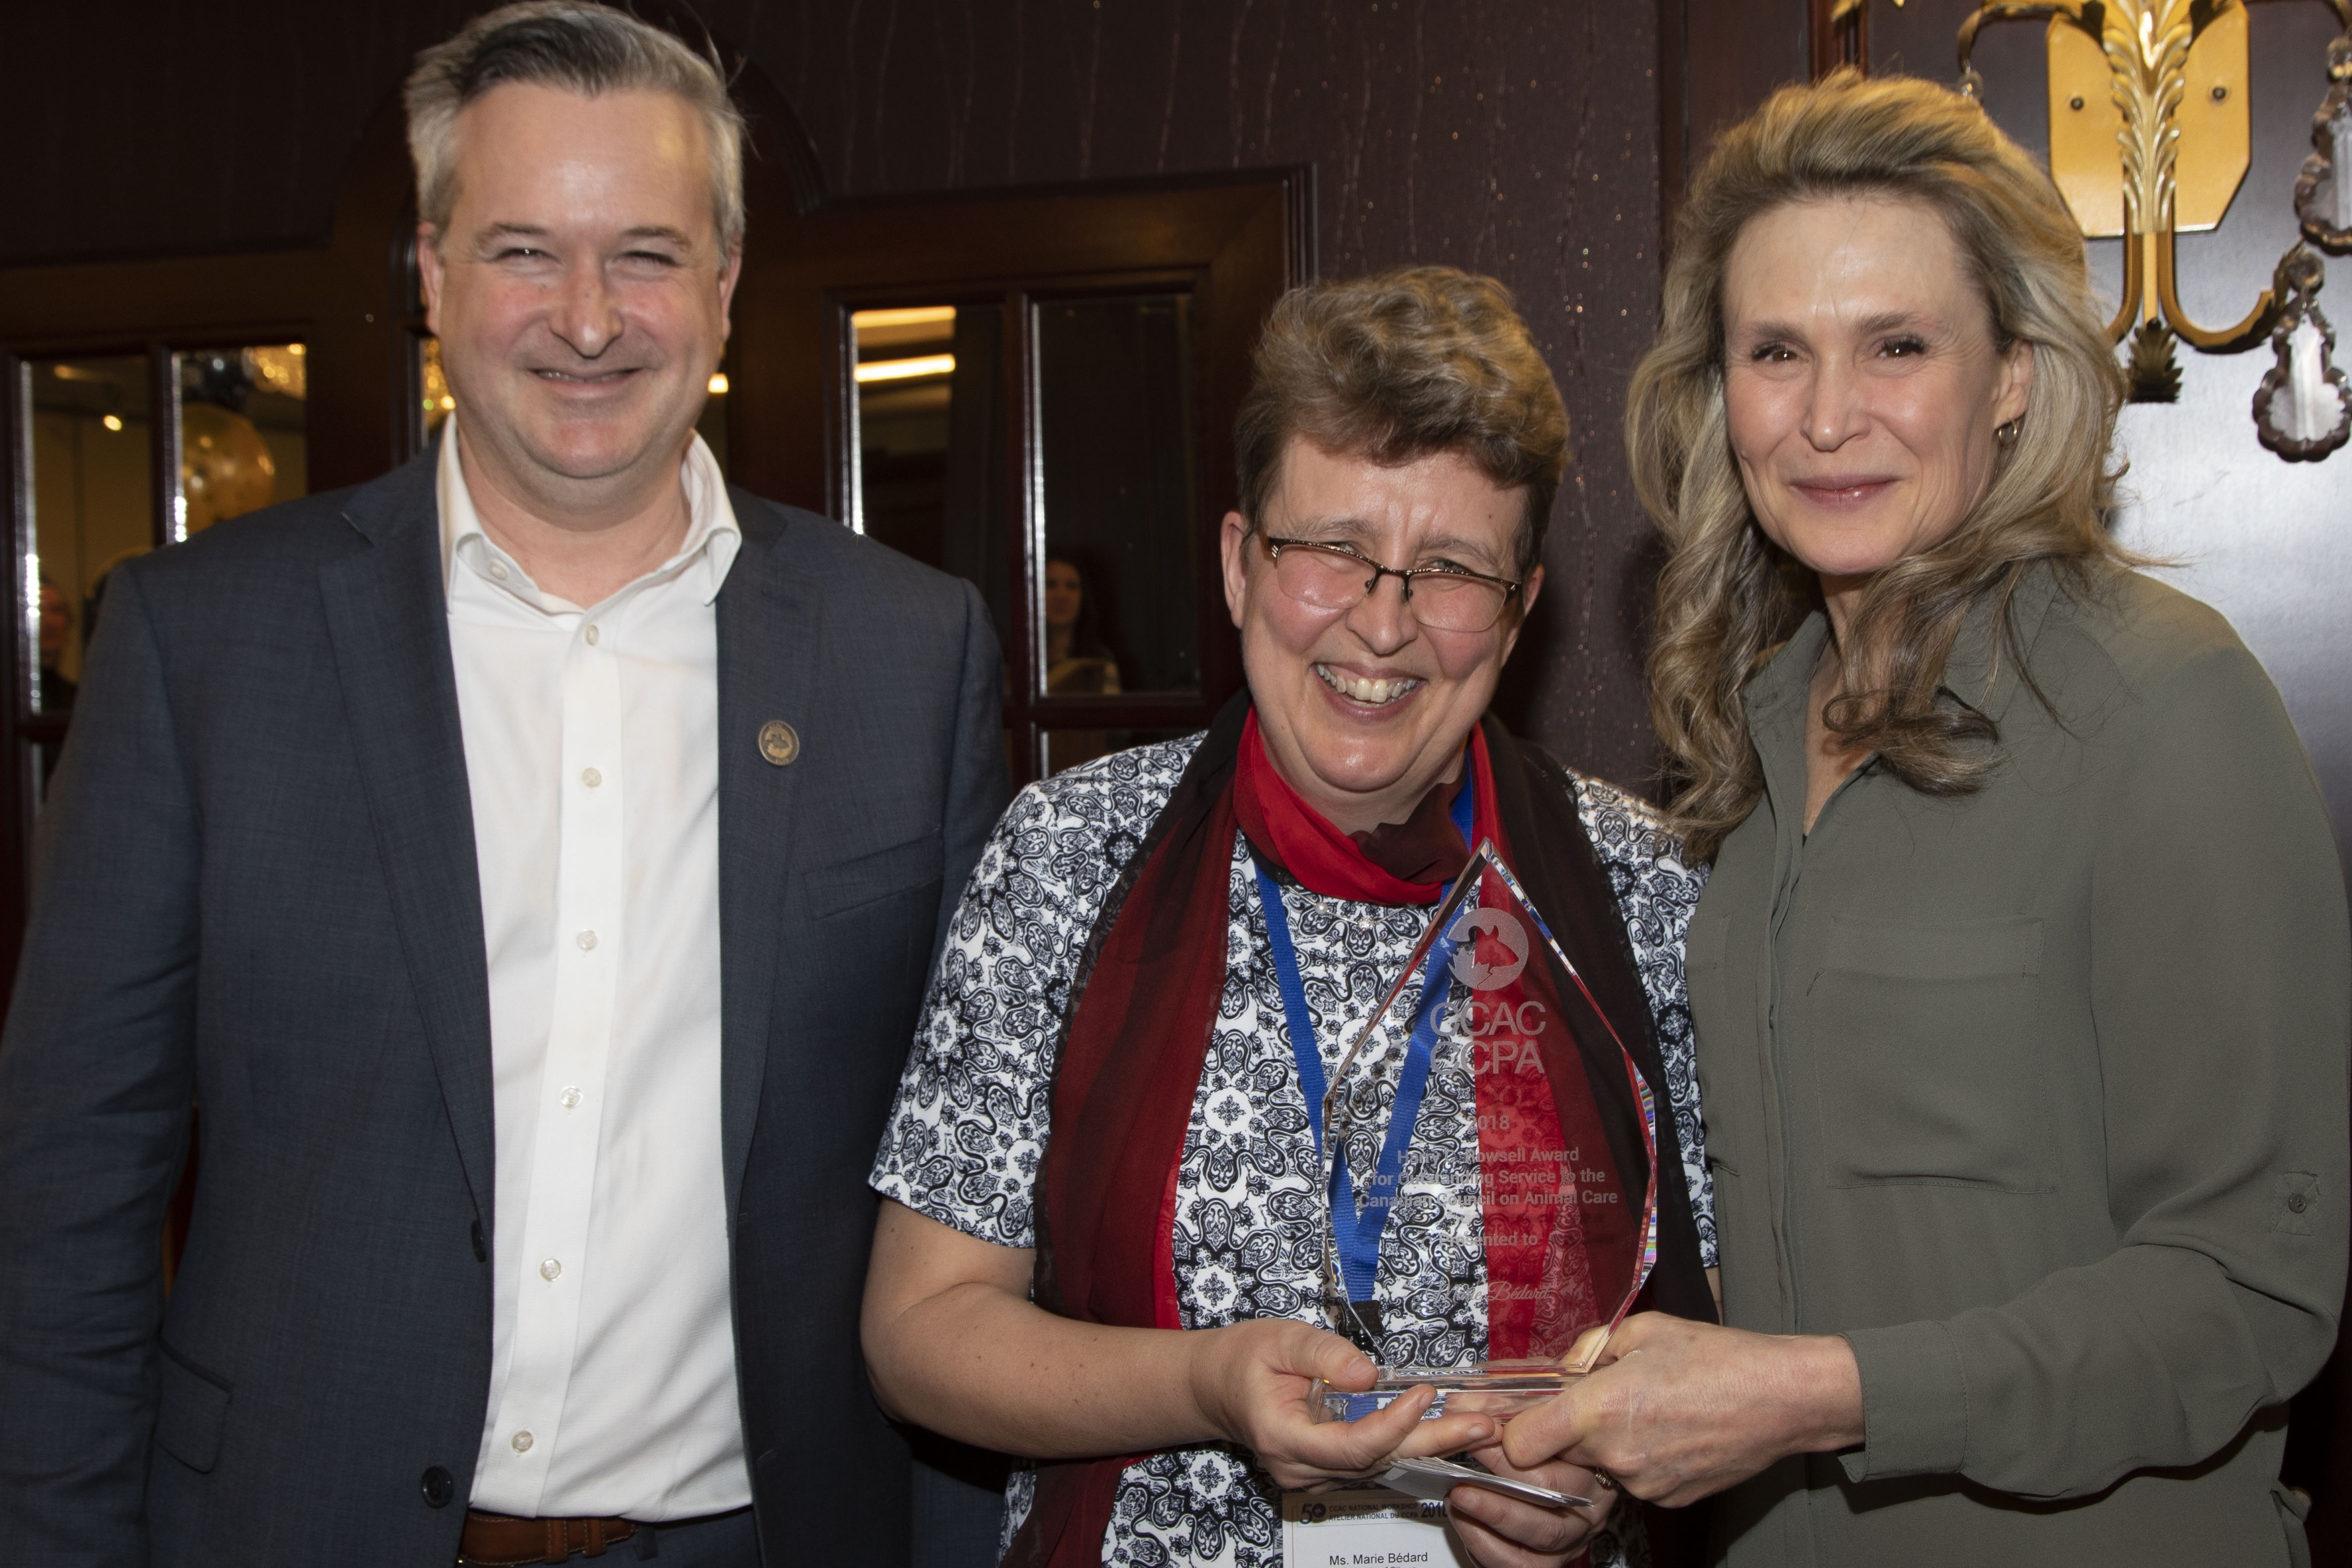 Mr. Pierre Verreault, Dr. Eileen Denovan-Wright & Ms Marie Bedard